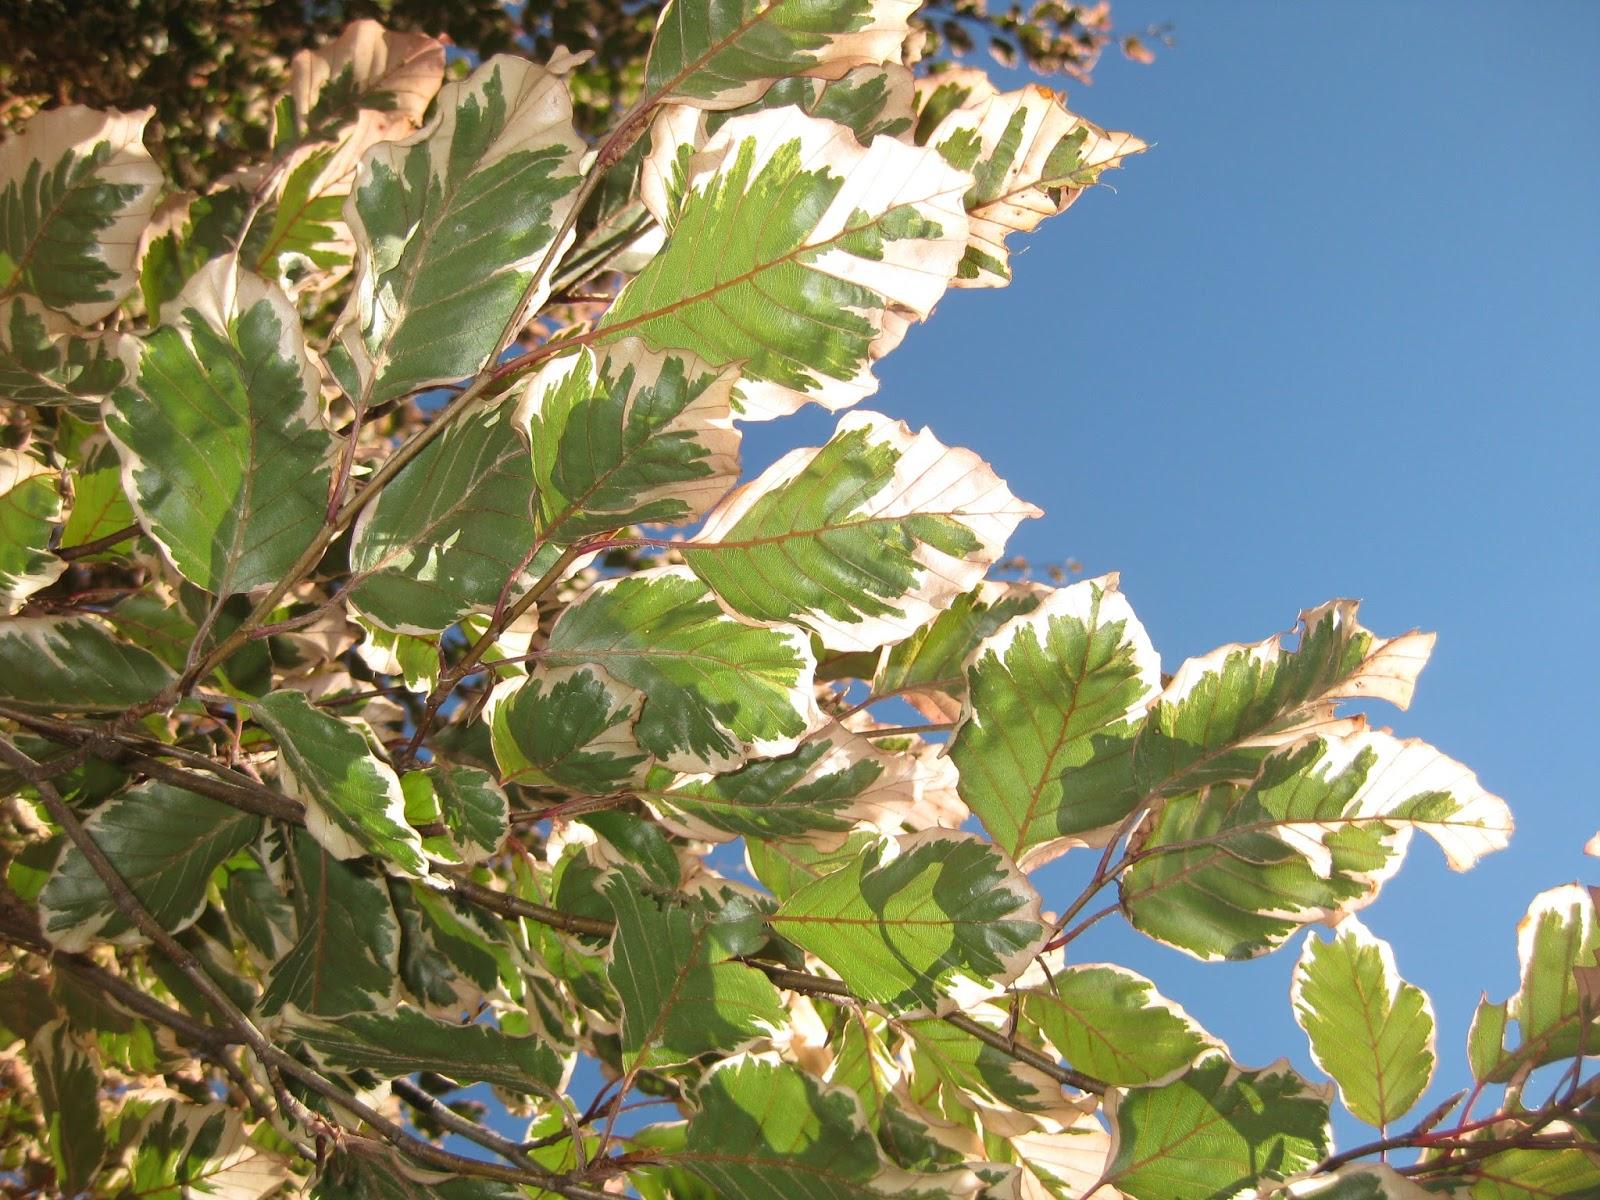 Rotary Botanical Gardens - Hort Blog: A Crazy Morning!